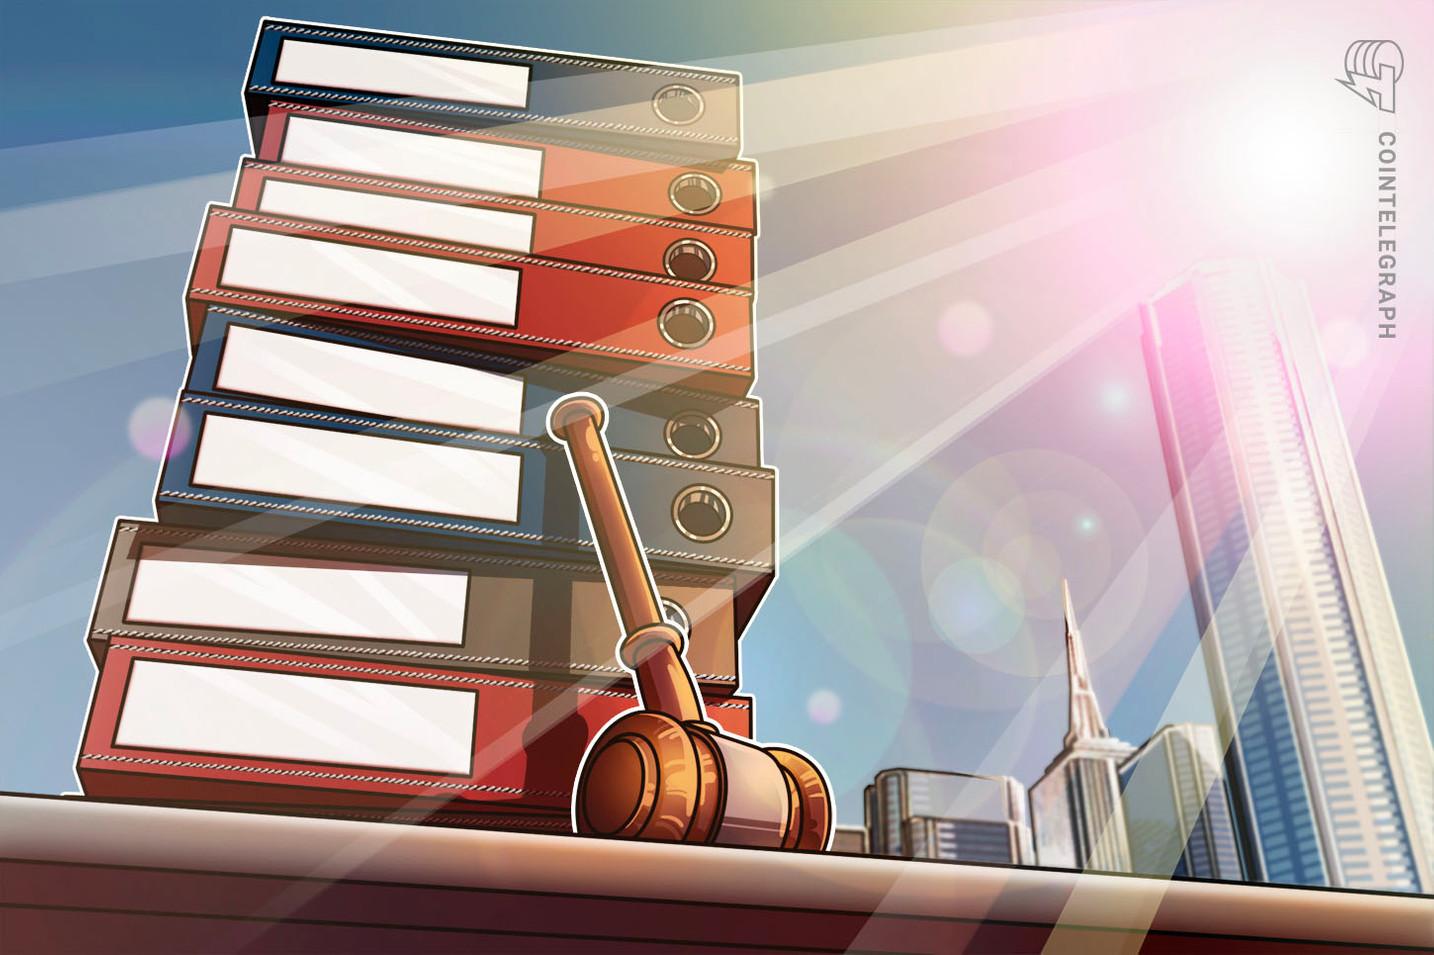 Quatro casos de ação coletiva contra Bitfinex por manipulação do mercado de BTC em 2017 foram unificados, de acordo com juiz